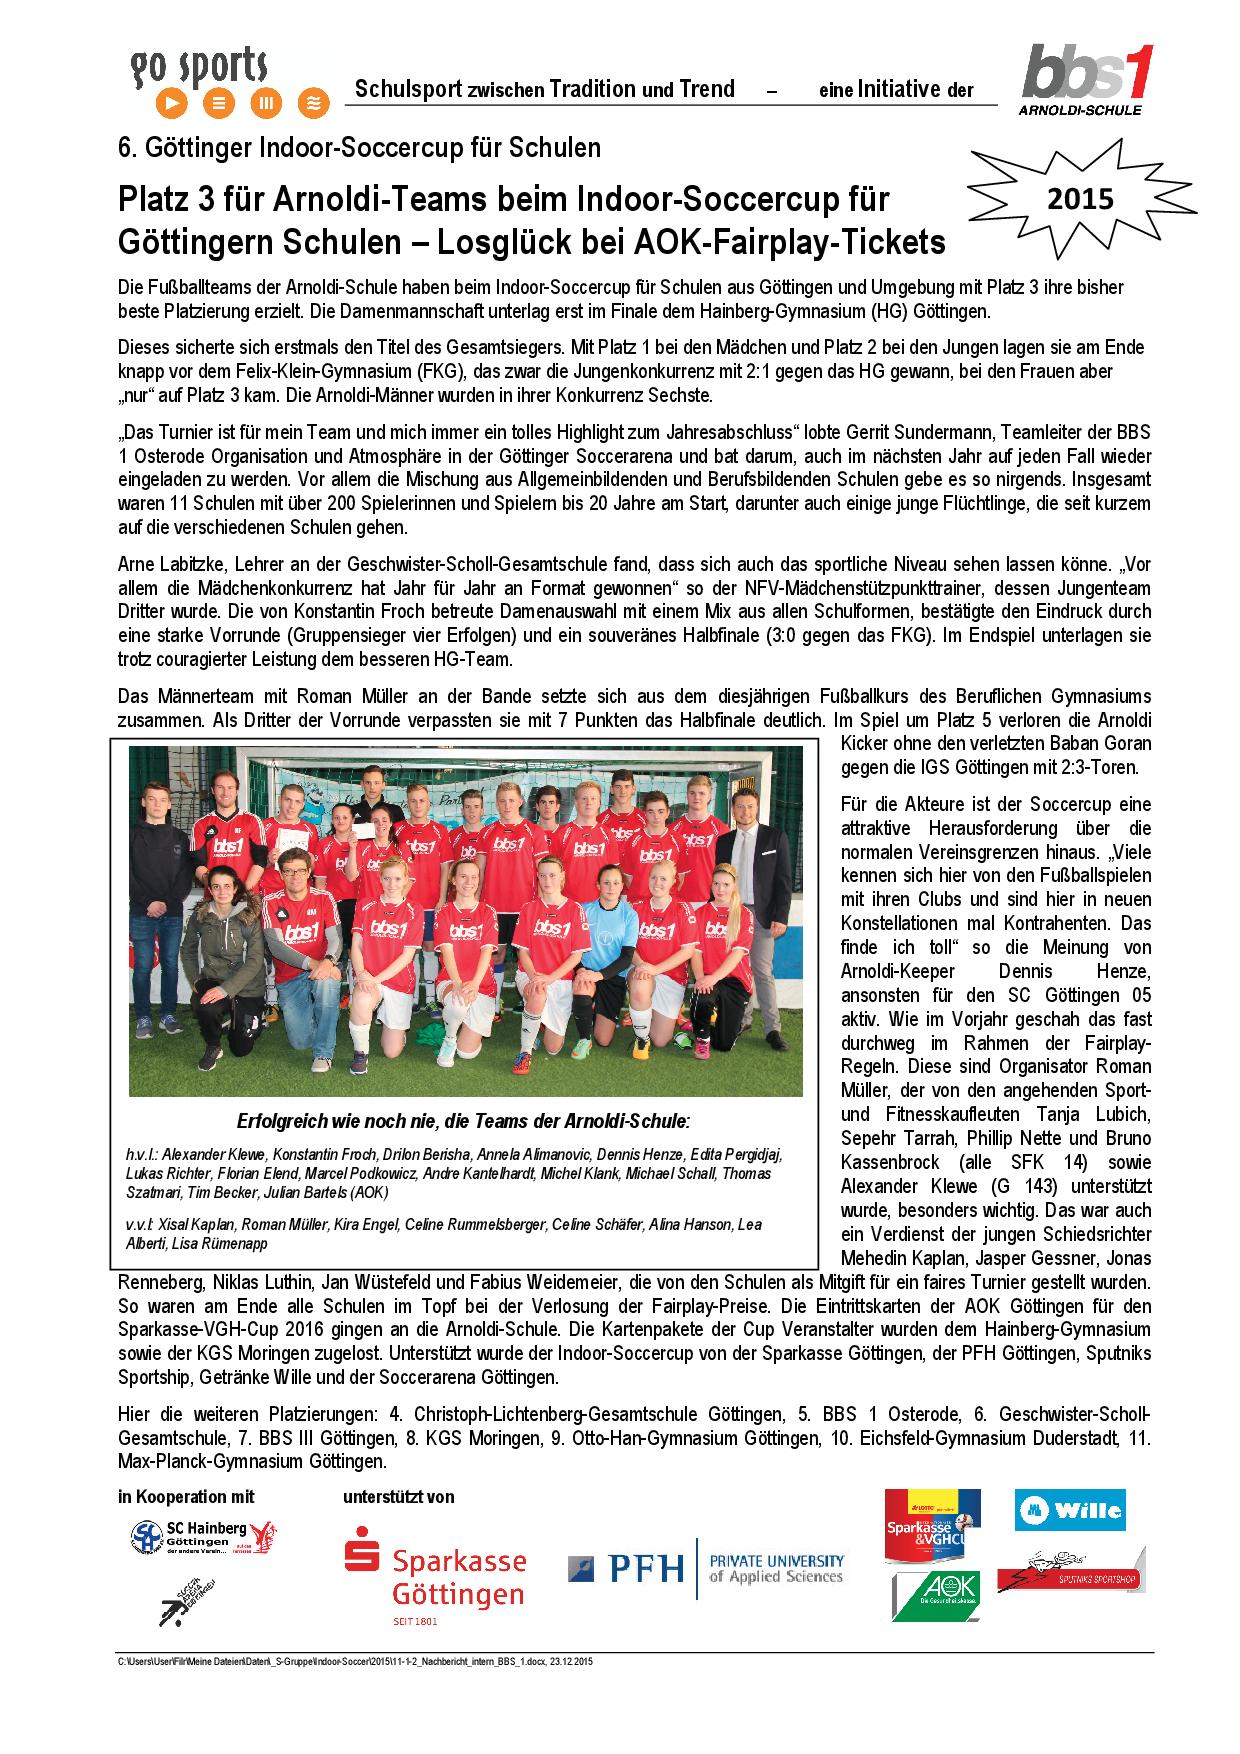 Platz 3 für Arnoldi-Teams beim Indoor-Soccercup für Göttingern ...